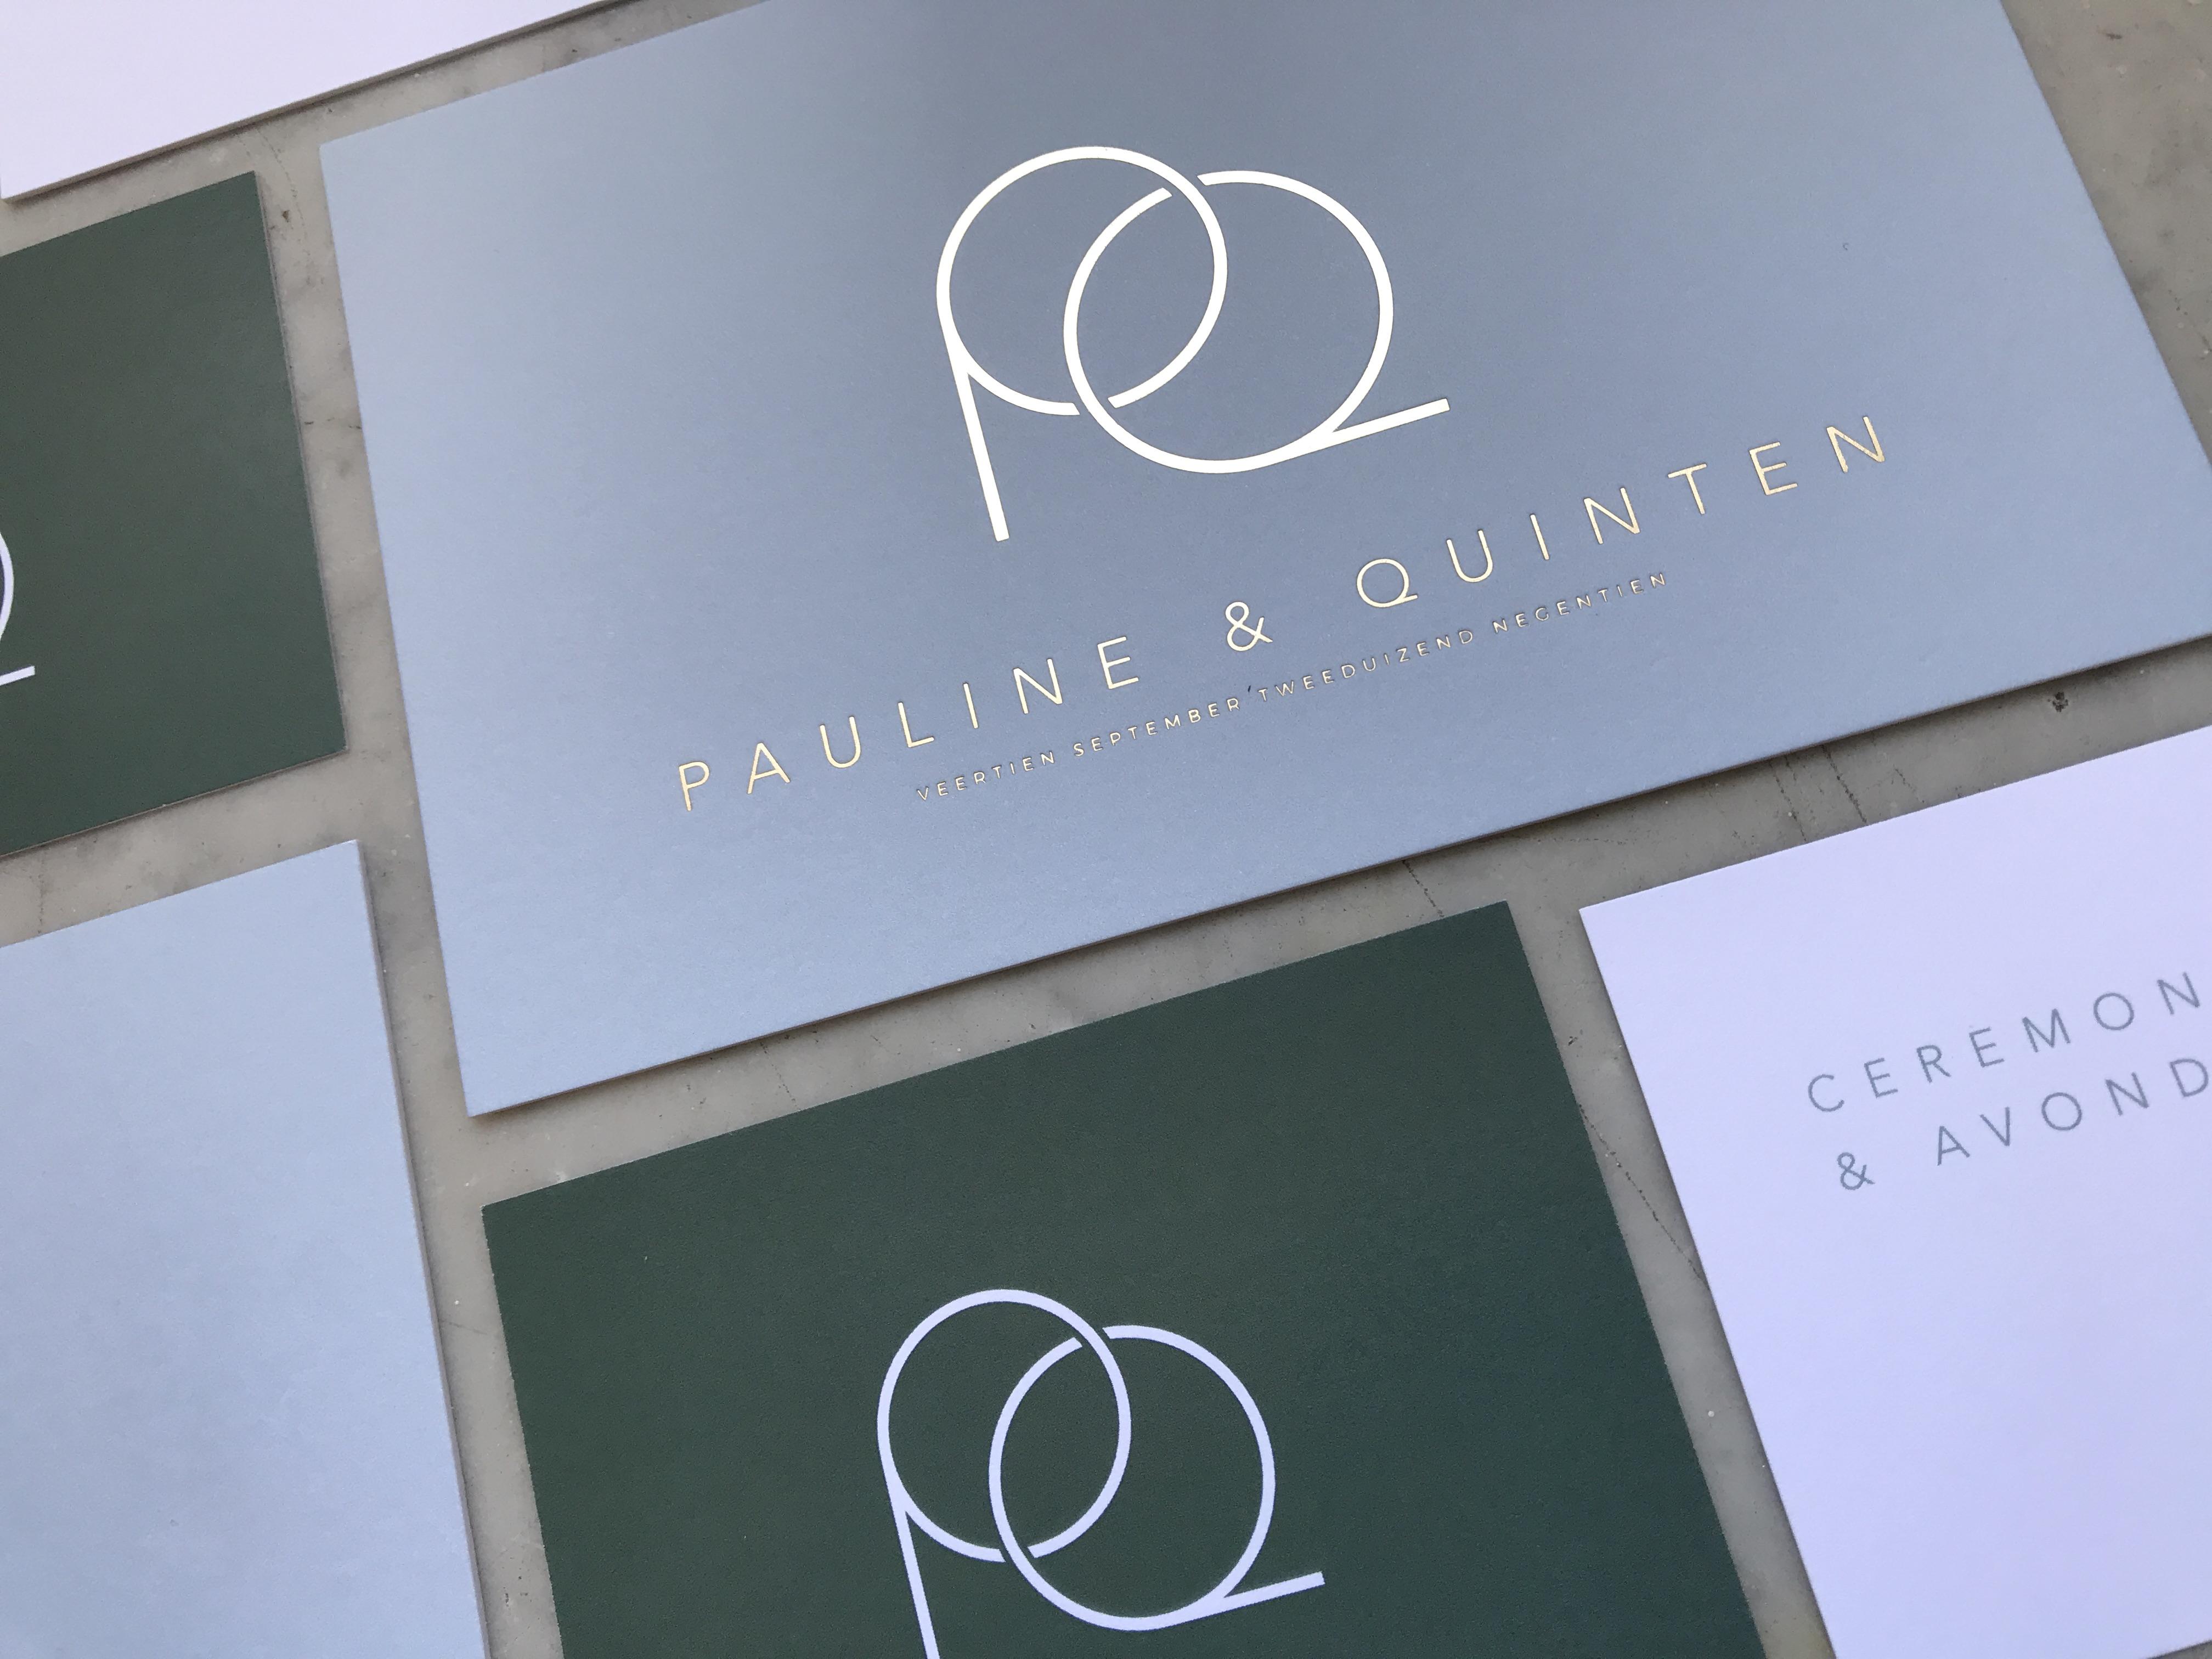 Huwelijksuitnodigingen Pauline & Quinten